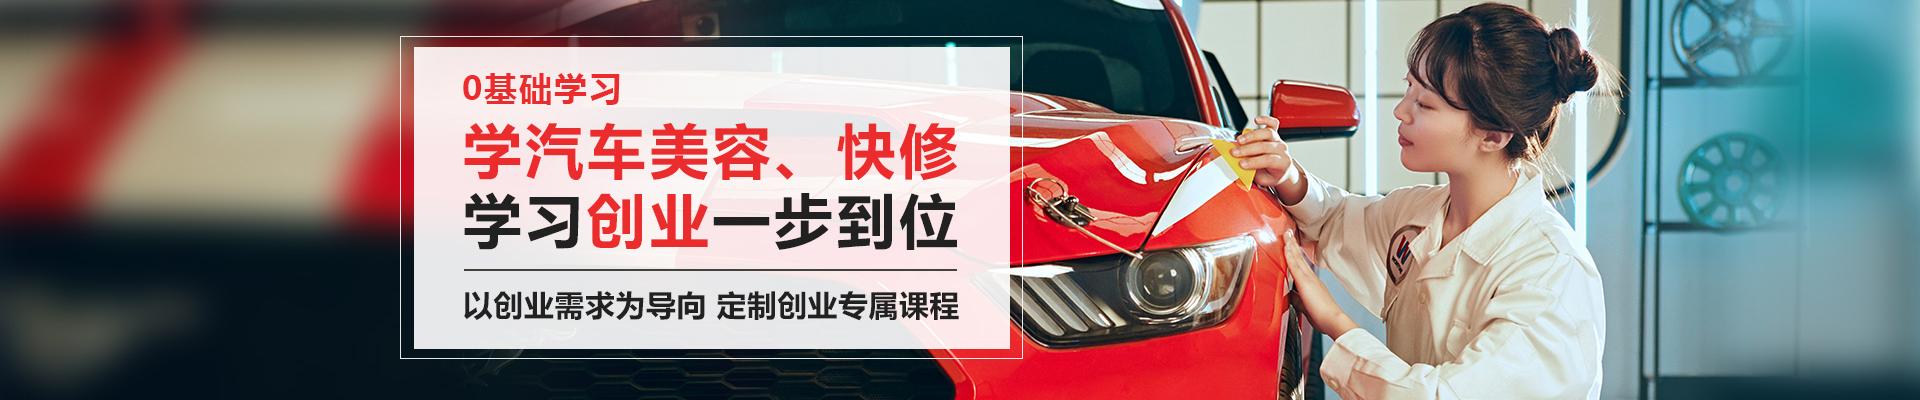 汽车美容-武汉万通汽修学校